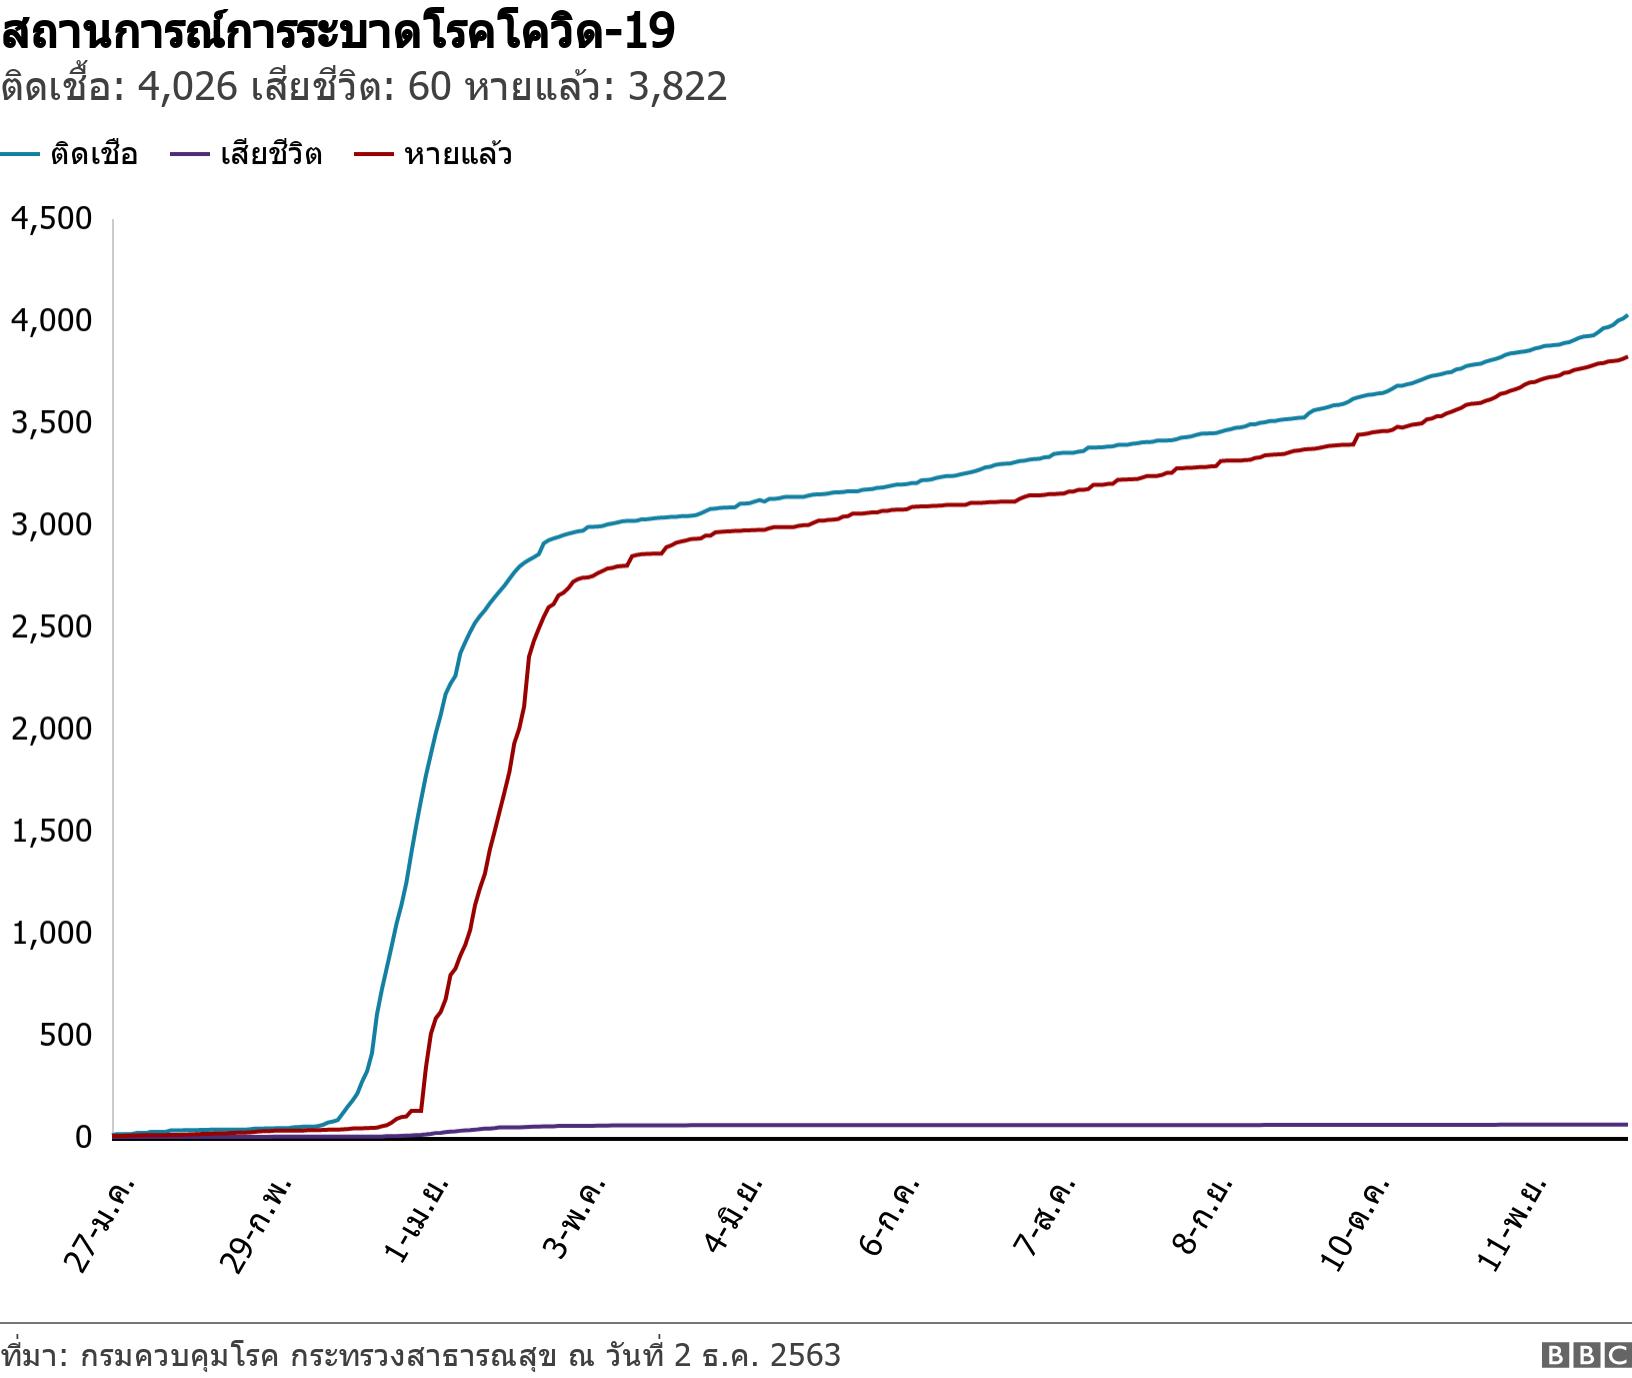 สถานการณ์การระบาดโรคโควิด-19. ติดเชื้อ: 3,564 เสียชีวิต: 59 หายแล้ว: 3,374.  .